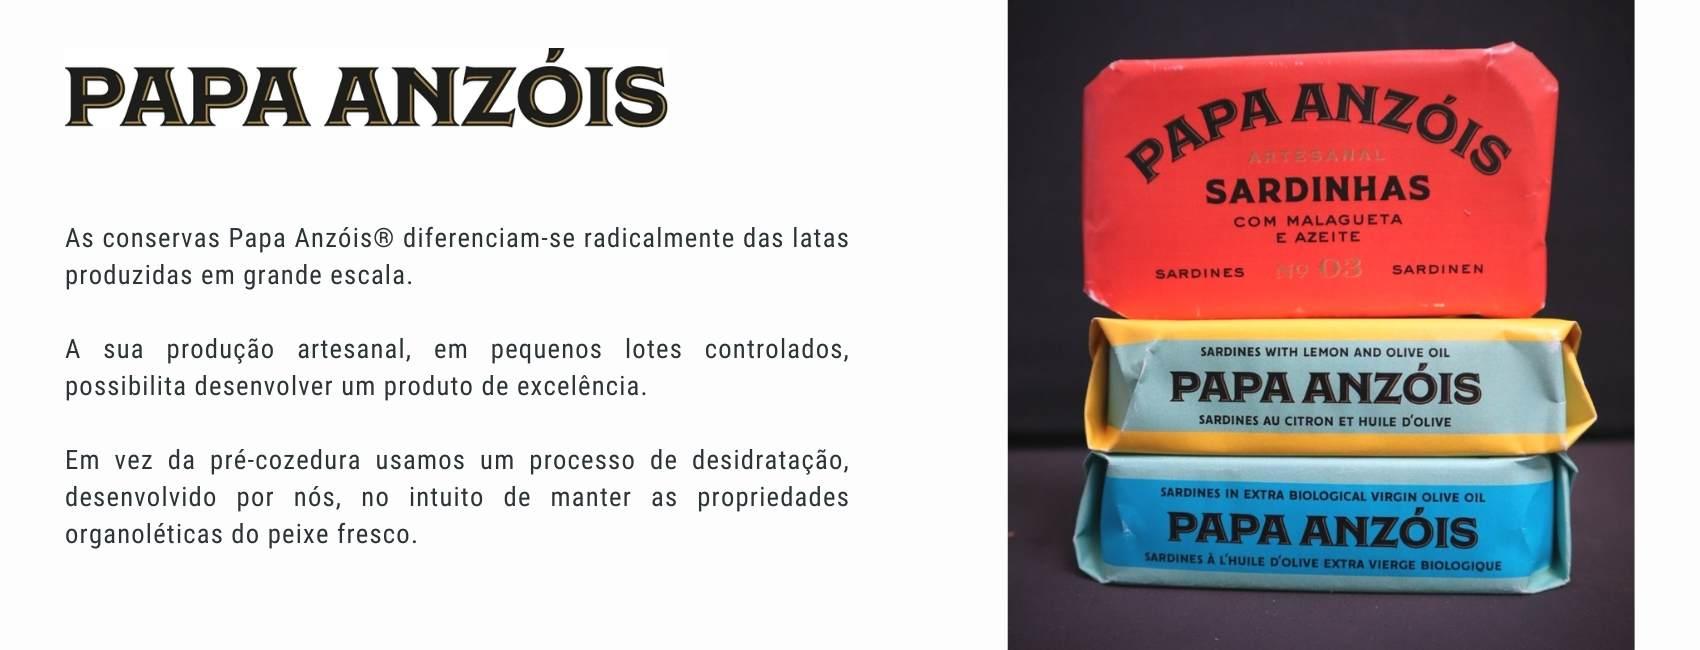 As conservas Papa Anzóis® diferenciam-se radicalmente das latas produzidas em grande escala.    A sua produção artesanal, em pequenos lotes controlados, possibilita desenvolver um produto de excelência.   Em vez da pré-cozedura usamos um processo de desidratação, desenvolvido por nós, no intuito de manter as propriedades organoléticas do peixe fresco.